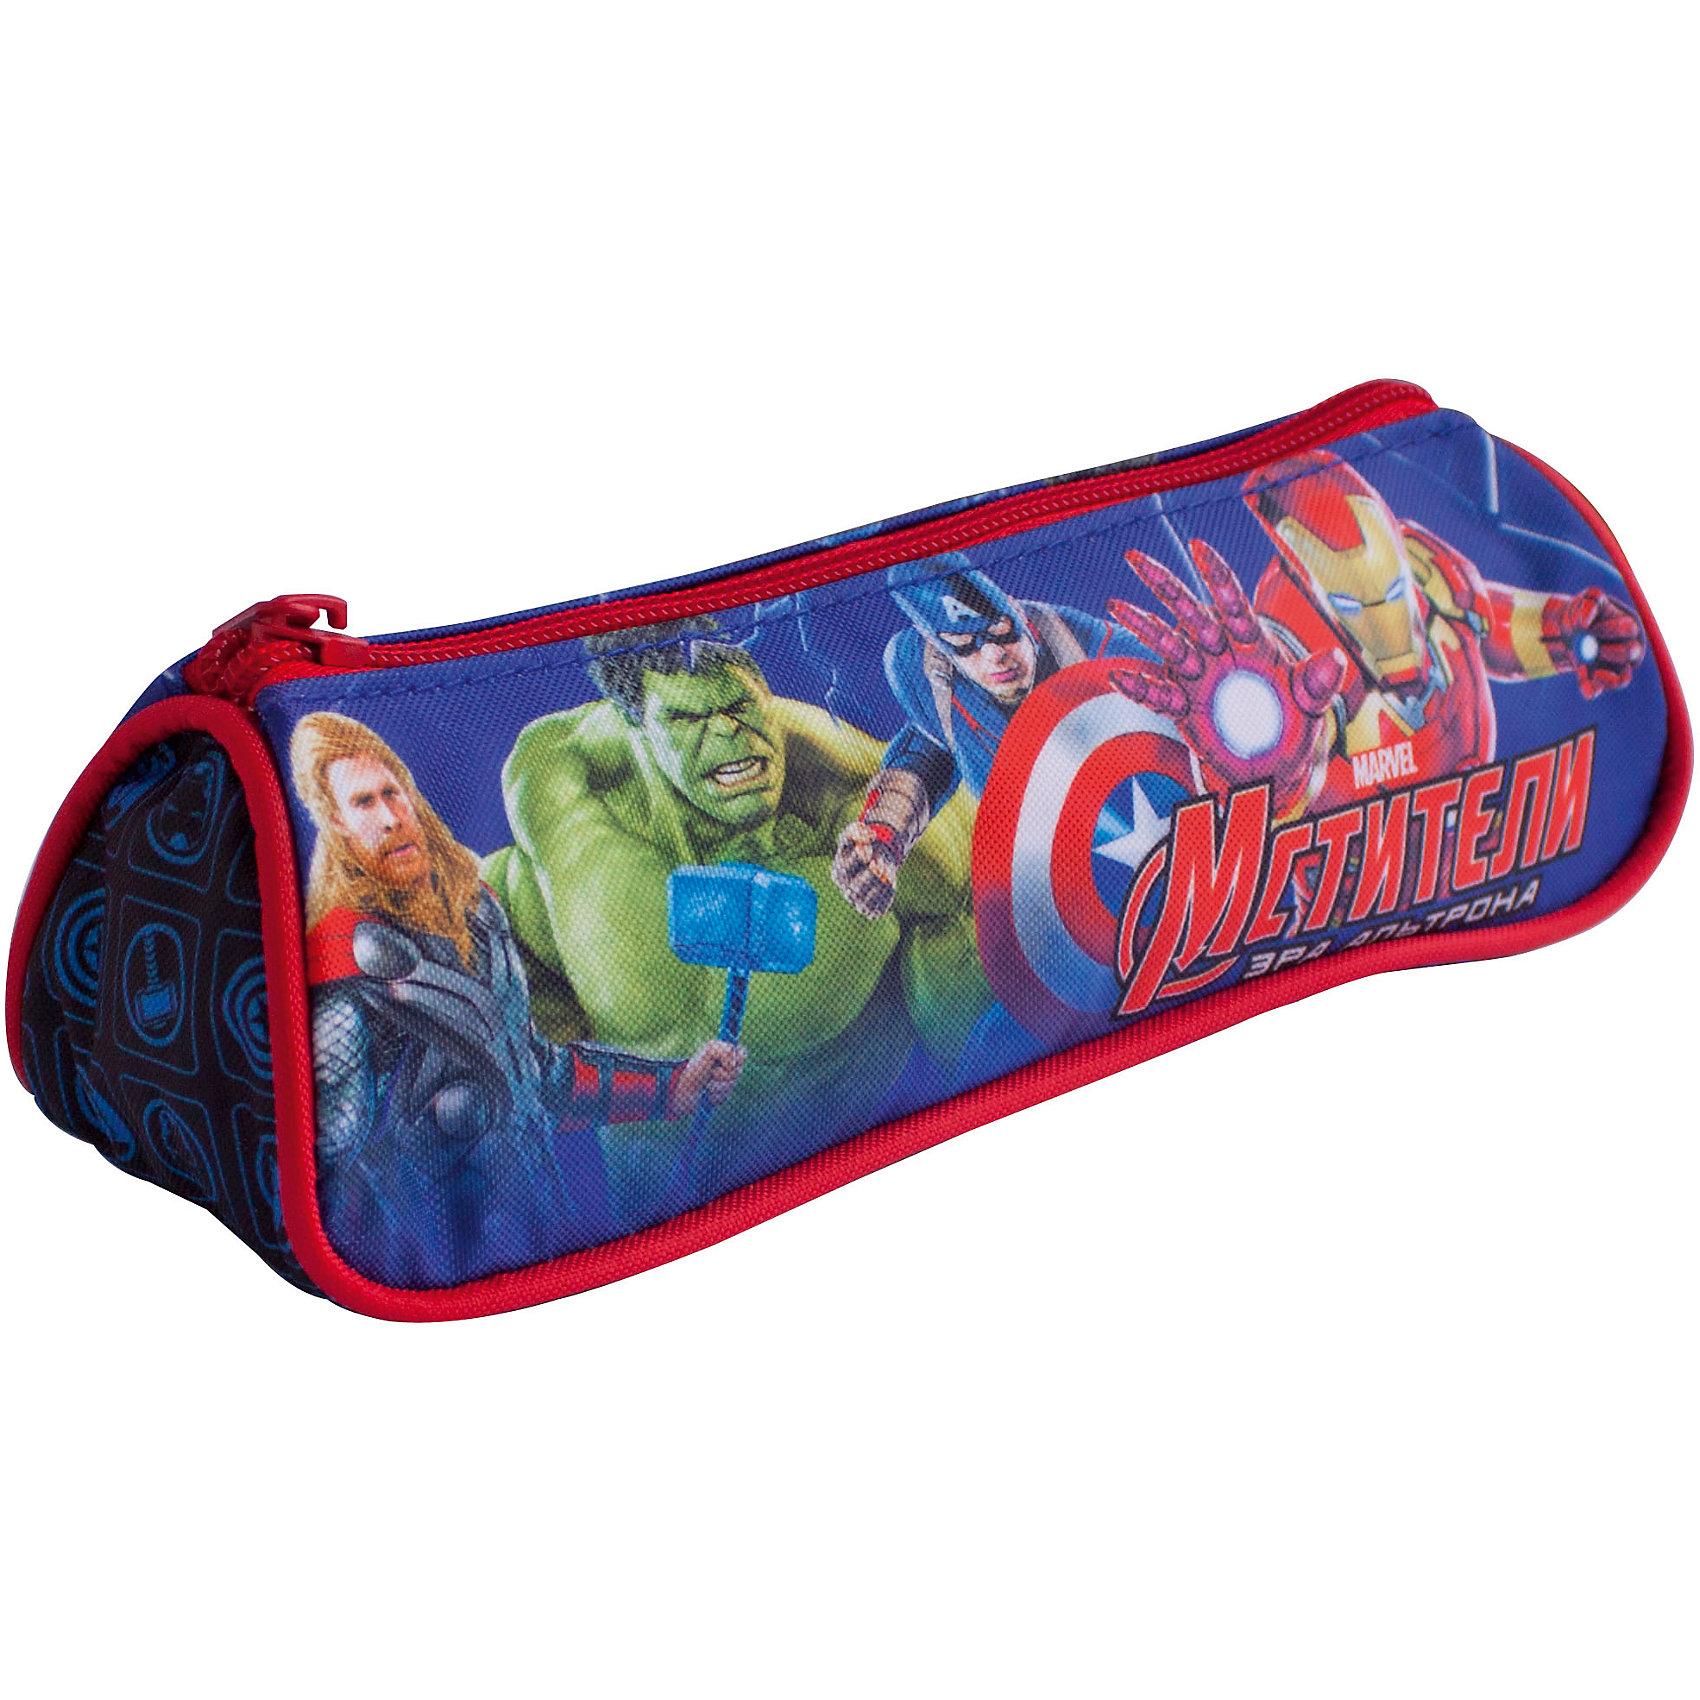 Пенал Команда, МстителиСтильный треугольный пенал Marvel «Мстители» – это супермодный аксессуар, который надежно сохранит все мелкие школьные принадлежности в целости и сохранности, защитив их от влаги. Аксессуар изготовлен из износостойкой, водонепроницаемой ткани, поэтому служить будет долго. Изделие декорировано стильным принтом (сублимированной печатью). Размер: 20х6х7 см.<br><br>Ширина мм: 205<br>Глубина мм: 75<br>Высота мм: 35<br>Вес г: 53<br>Возраст от месяцев: 36<br>Возраст до месяцев: 144<br>Пол: Мужской<br>Возраст: Детский<br>SKU: 4635166